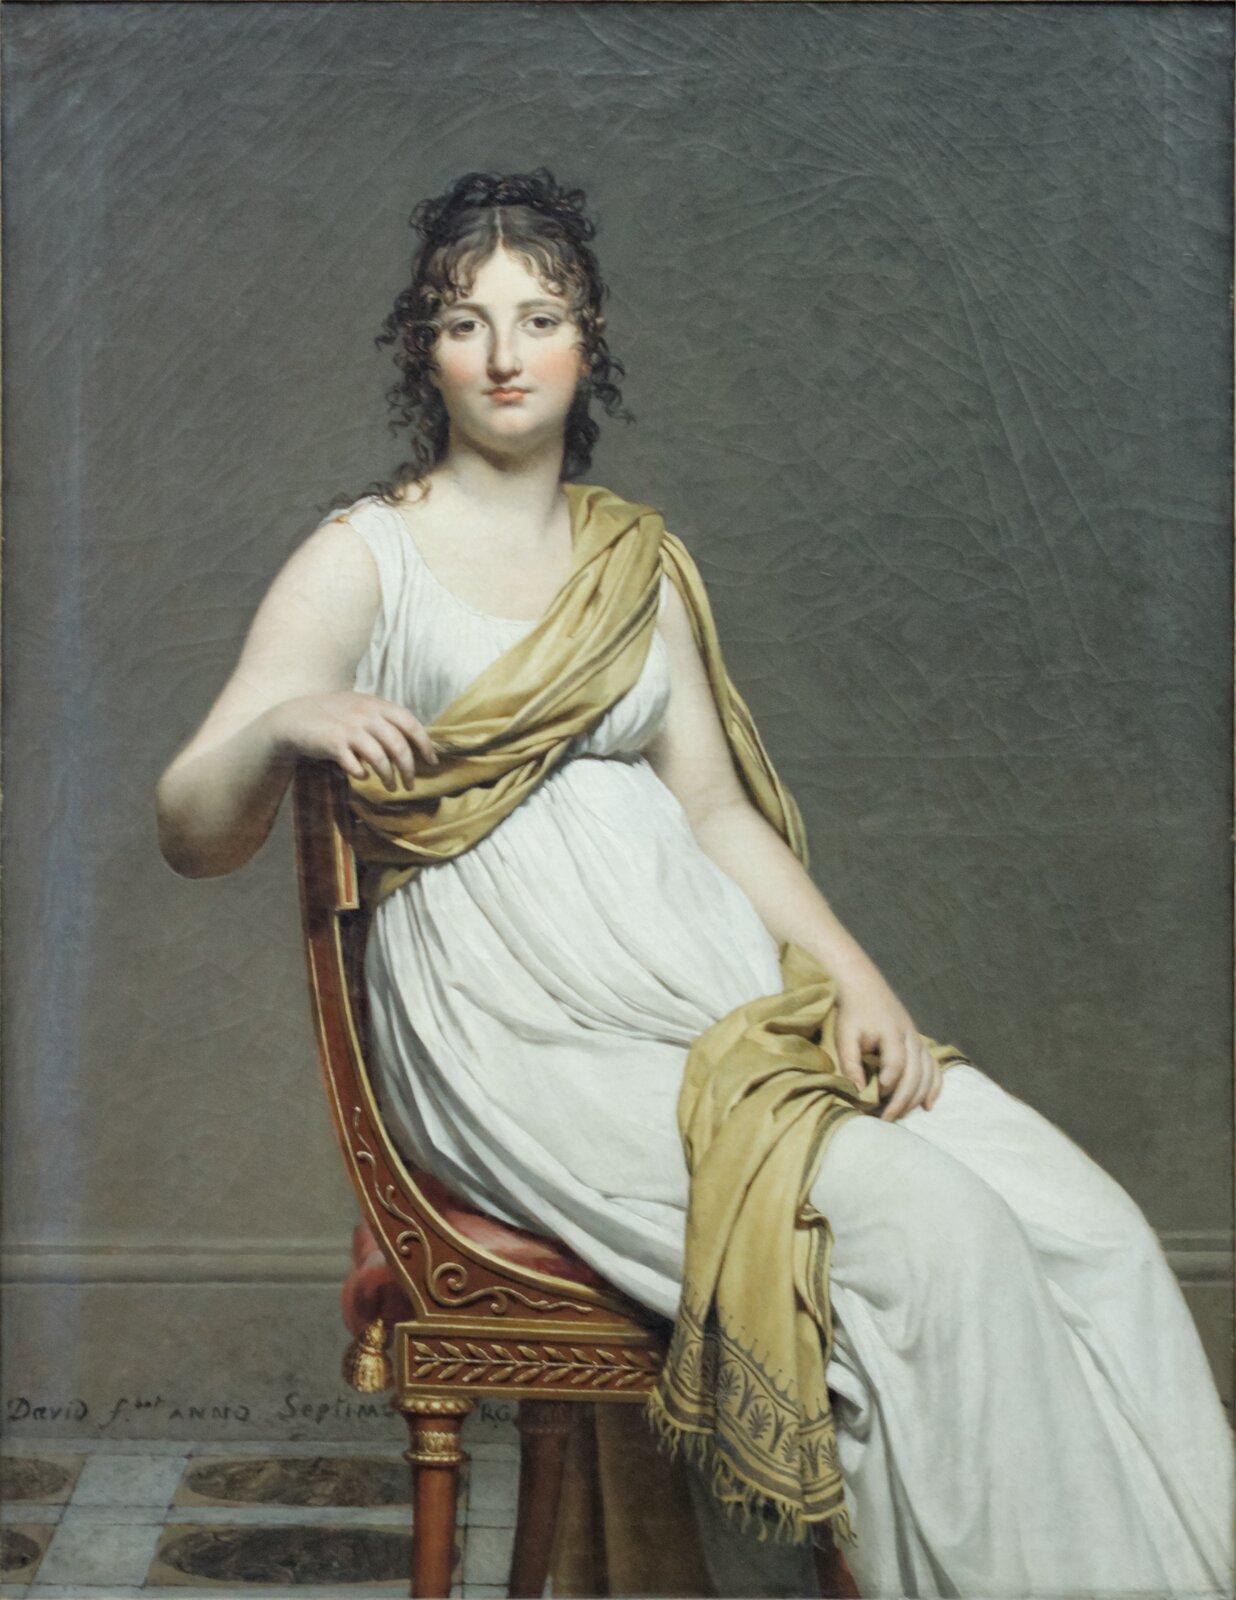 """Ilustracja przedstawia obraz olejny """"Portret Monsieur de Lavoisier ijego żony"""" autorstwa Jacques-Louisa Davida. Kompozycja ukazuje siedzącą damę wbiałej, prostej sukni odrobnych fałdach. Postać owinięta jest jasno-beżową draperią, która spływa wąskim pasmem zlewego ramienia poprzez piersi do prawego boku. Część beżowej tkaniny leży również na jej kolanach. Kobieta siedzi na odwróconym bokiem, brązowym krześle ze złotymi zdobieniami. Jej prawa ręka jest swobodnie ułożona na oparciu, natomiast lewa spoczywa na kolanach. Głowa postaci skierowana jest wkierunku odbiorcy. Lekko uśmiechniętą twarz zdużymi, ciemno-brązowymi oczami izaróżowionymi policzkami wieńczą ciemne, kręcone włosy opadające na ramiona. Dama ustawiona jest we wnętrzu, na tle szarej ściany. Udołu obrazu, znajduje się podłoga zszaro-beżową terakotą wykończoną wzorem odużych, brązowych kach. Obraz wykonany jest zdużą dbałością owierne odwzorowanie natury. Statyczna kompozycja utrzymana jest wwąskiej, szaro-beżowej gamie barw."""